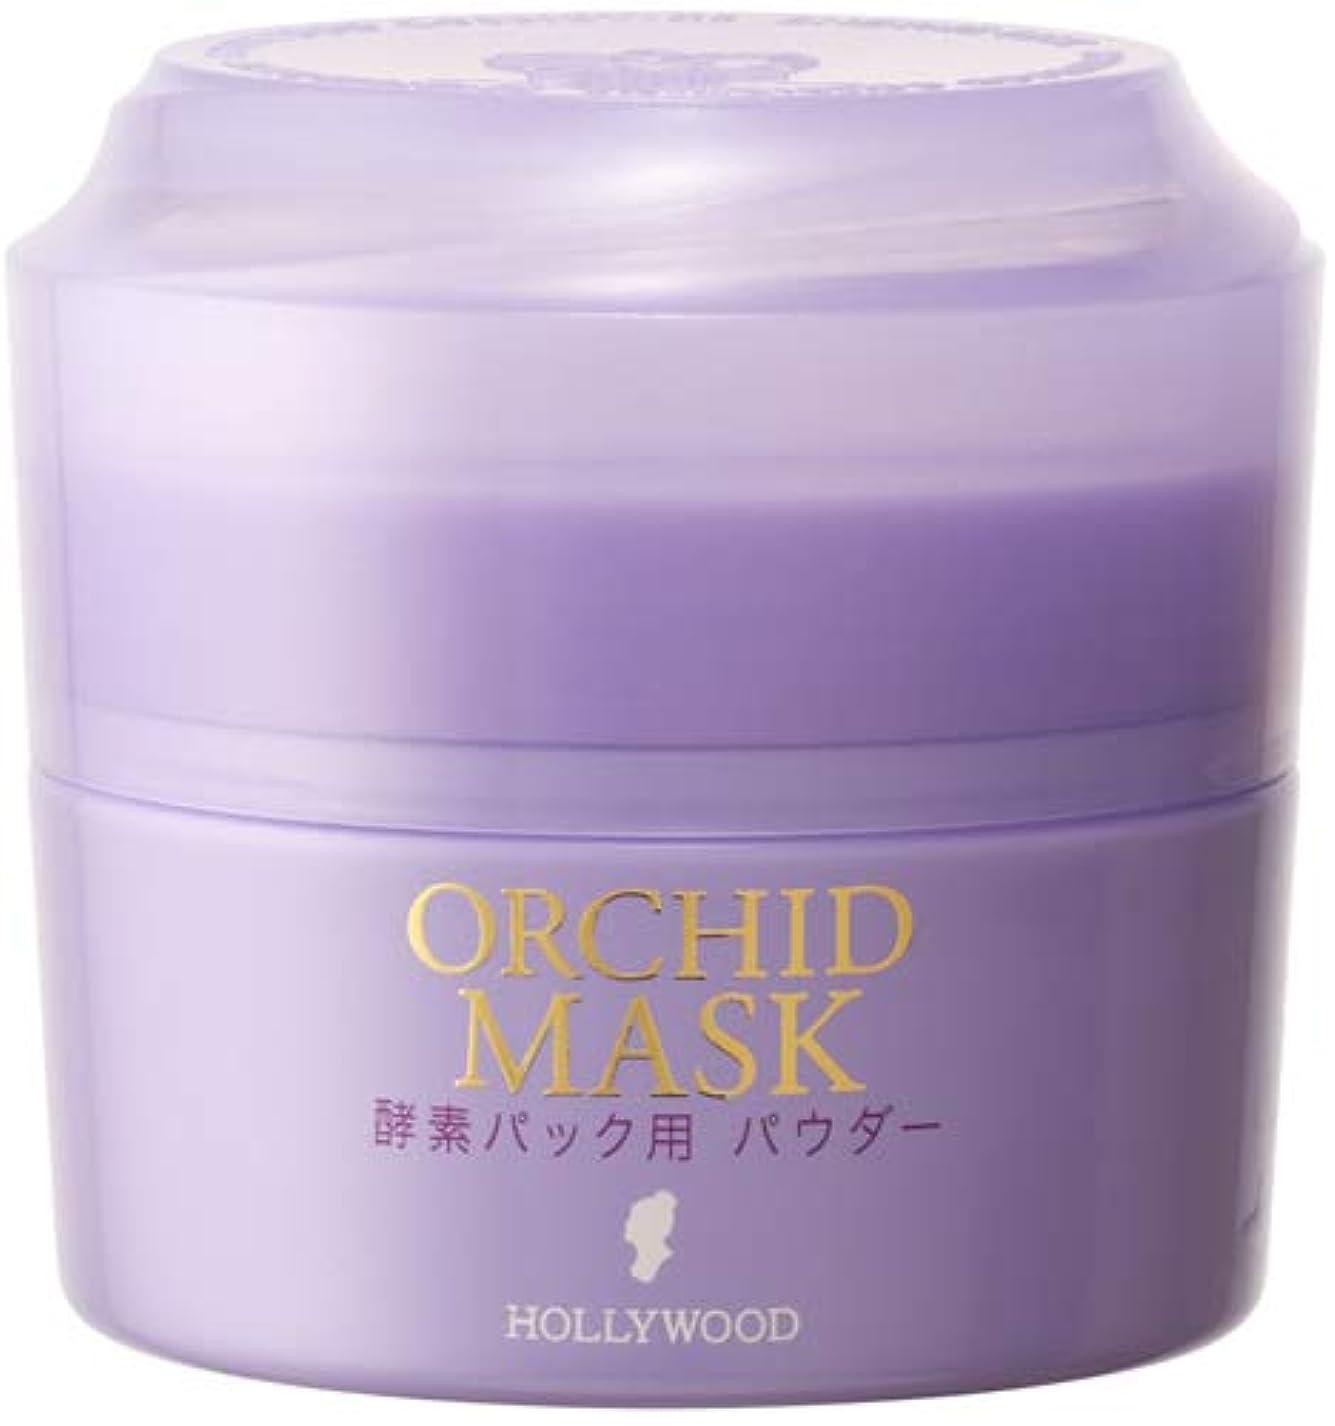 生物学凝縮する進むハリウッド化粧品 オーキッド マスク 80g